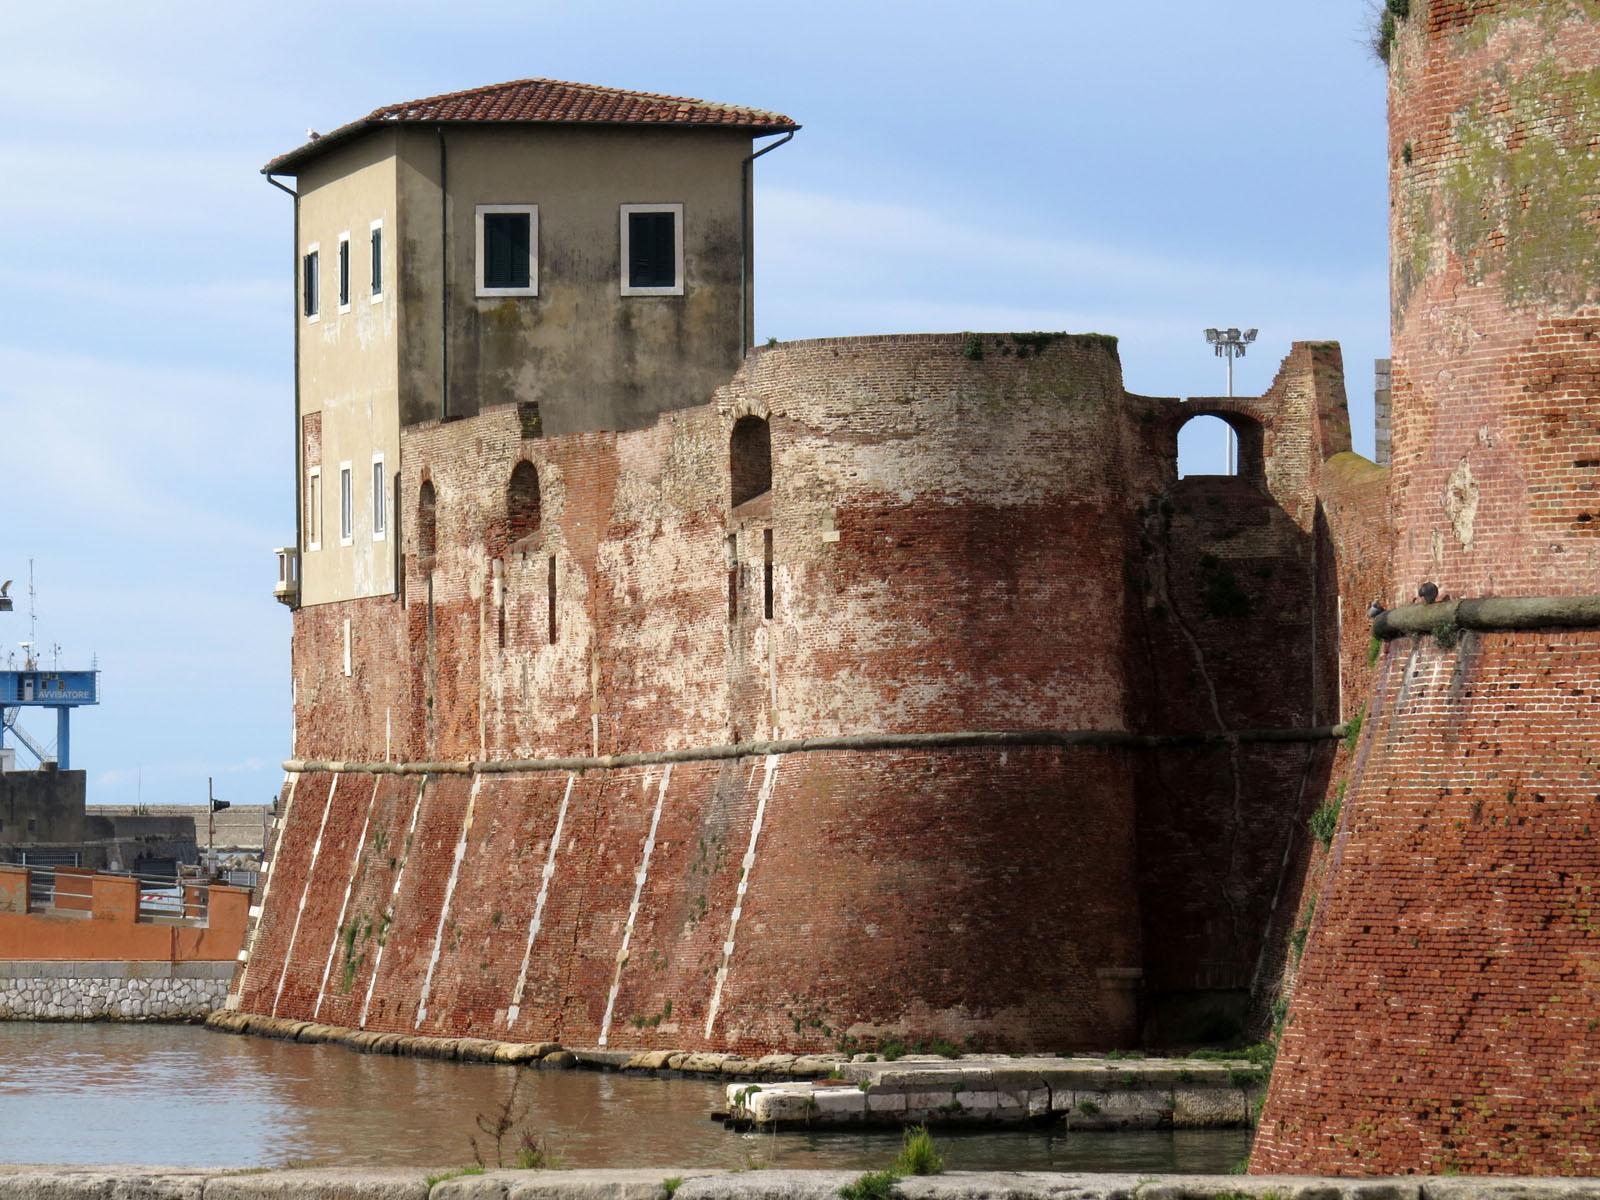 Canaviglia_bastion_of_the_Fortezza_Vecchia,_Livorno